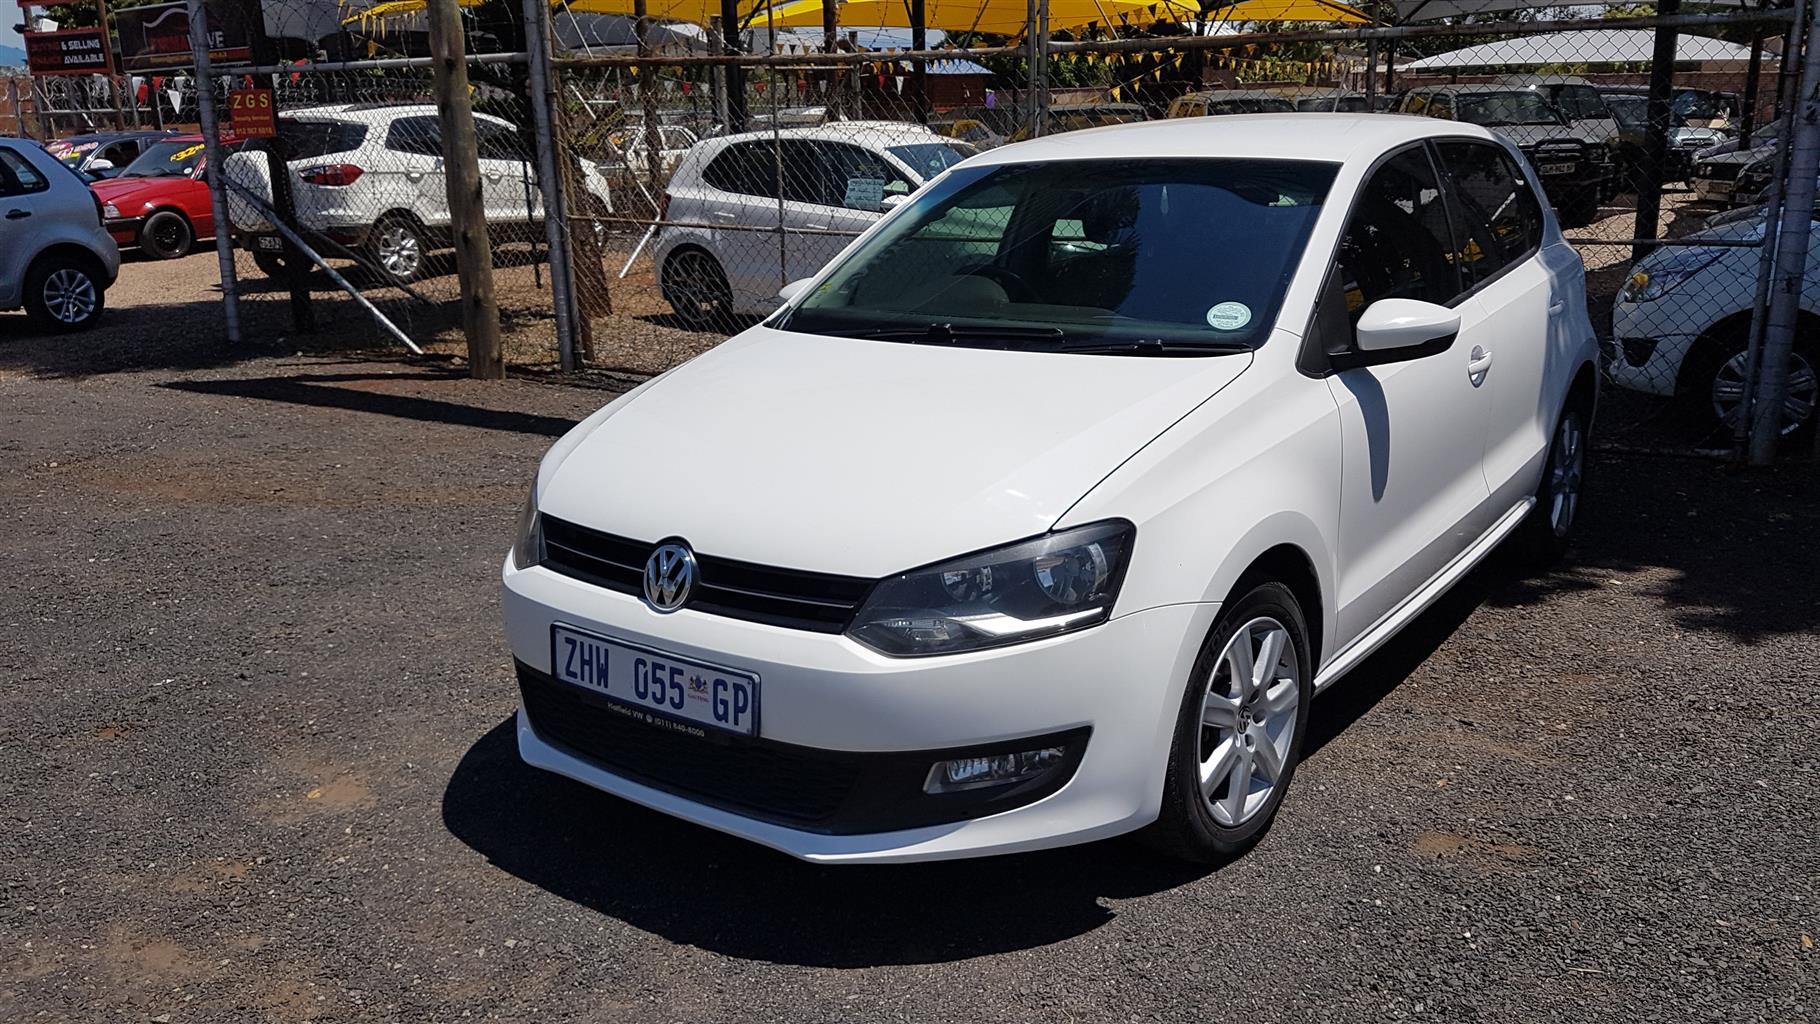 Beste Vw Polo 1.6 For Sale In Pretoria | RLDM ZQ-59